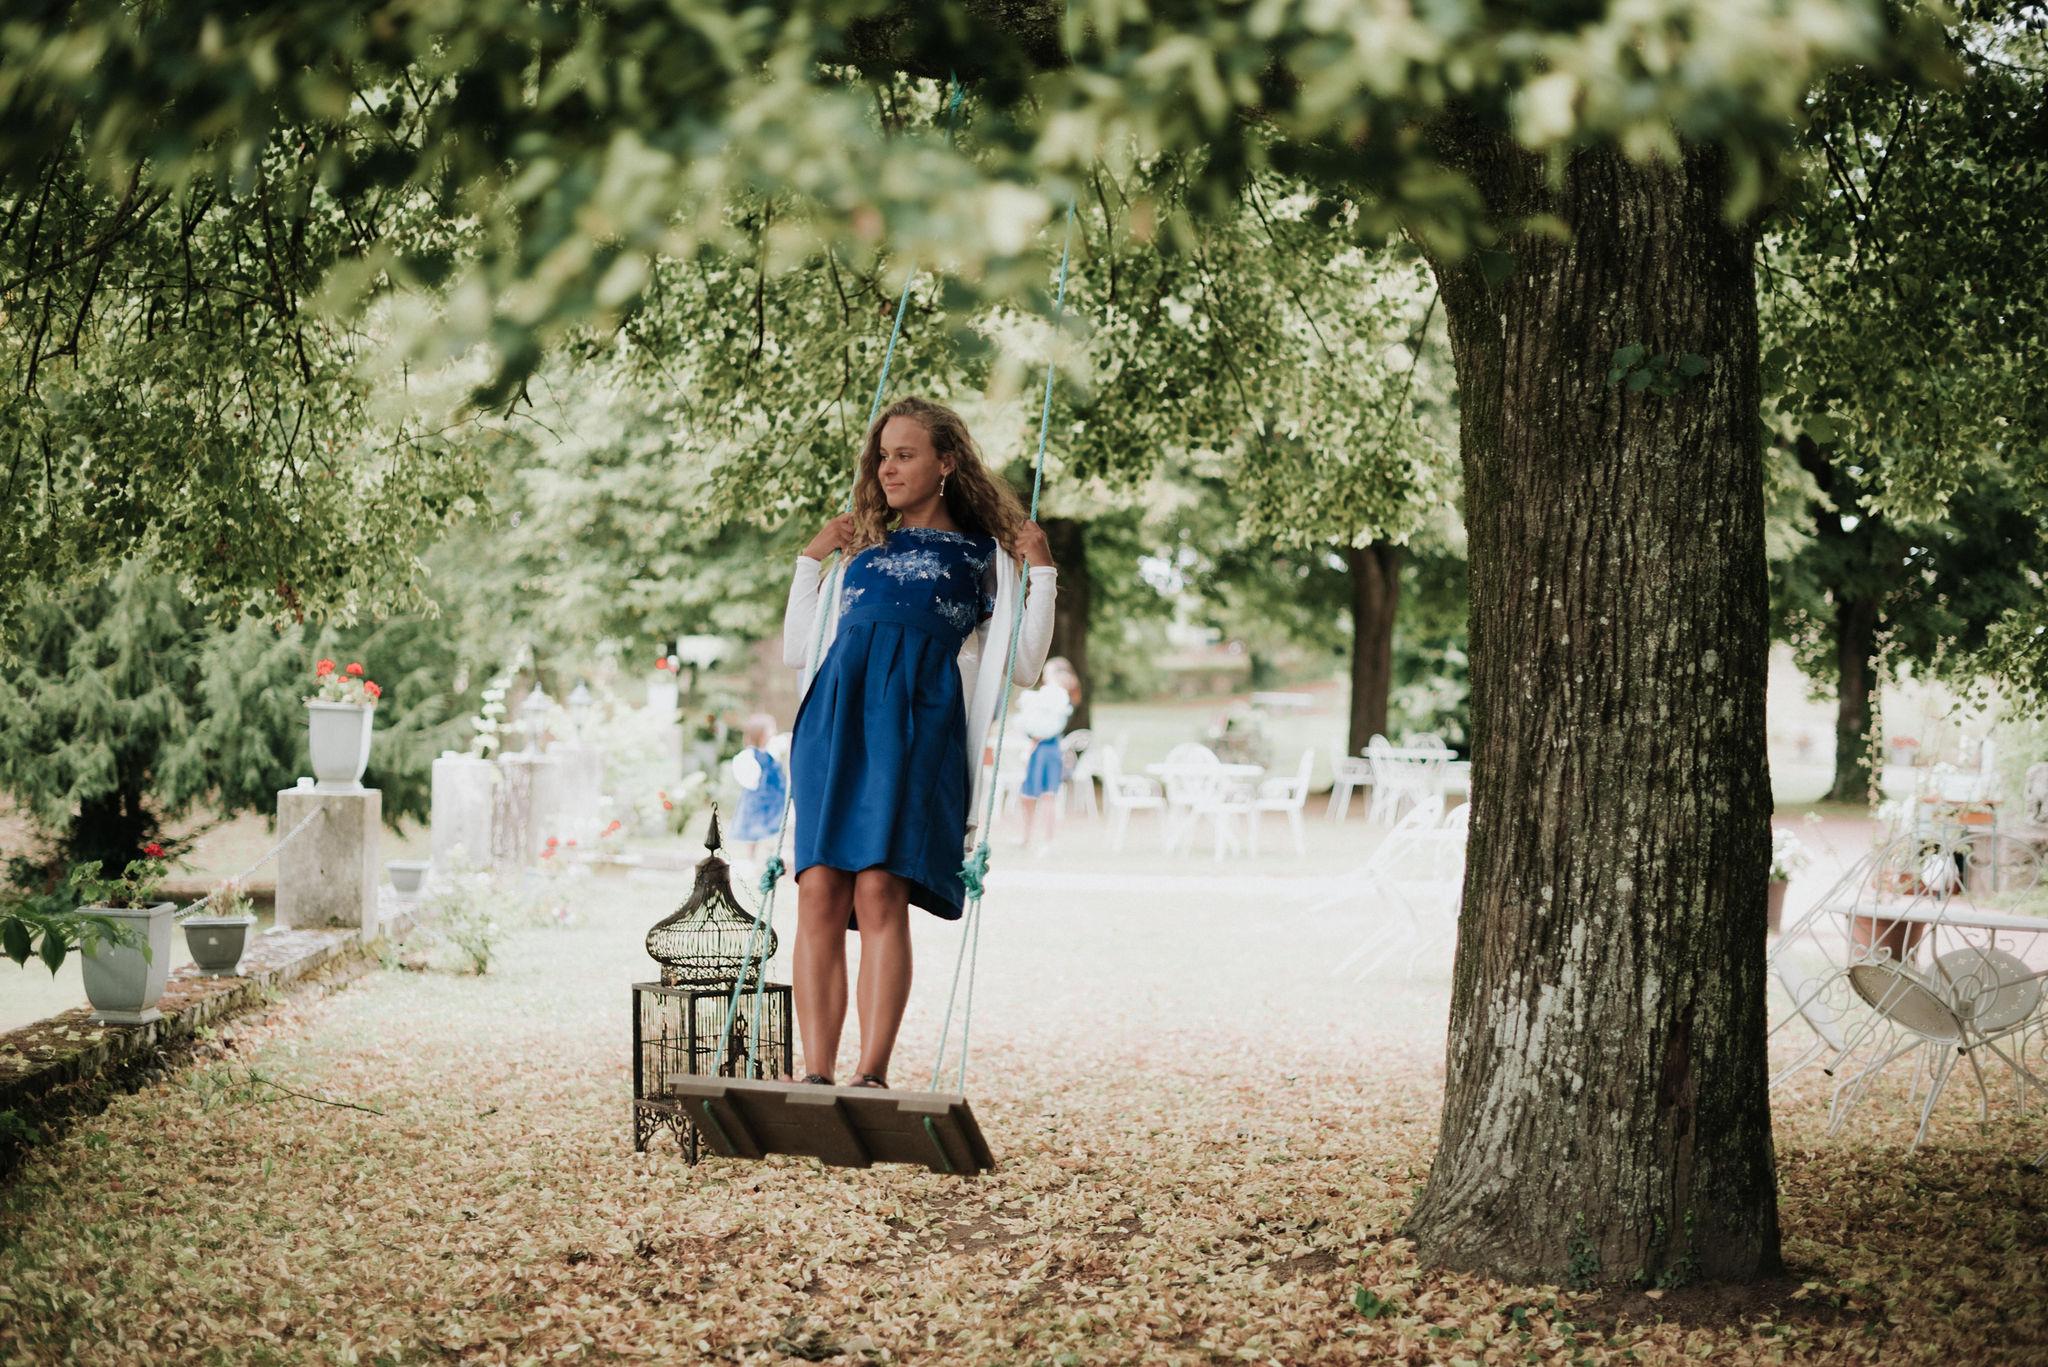 Léa-Fery-photographe-professionnel-lyon-rhone-alpes-portrait-creation-mariage-evenement-evenementiel-famille-6516.jpg